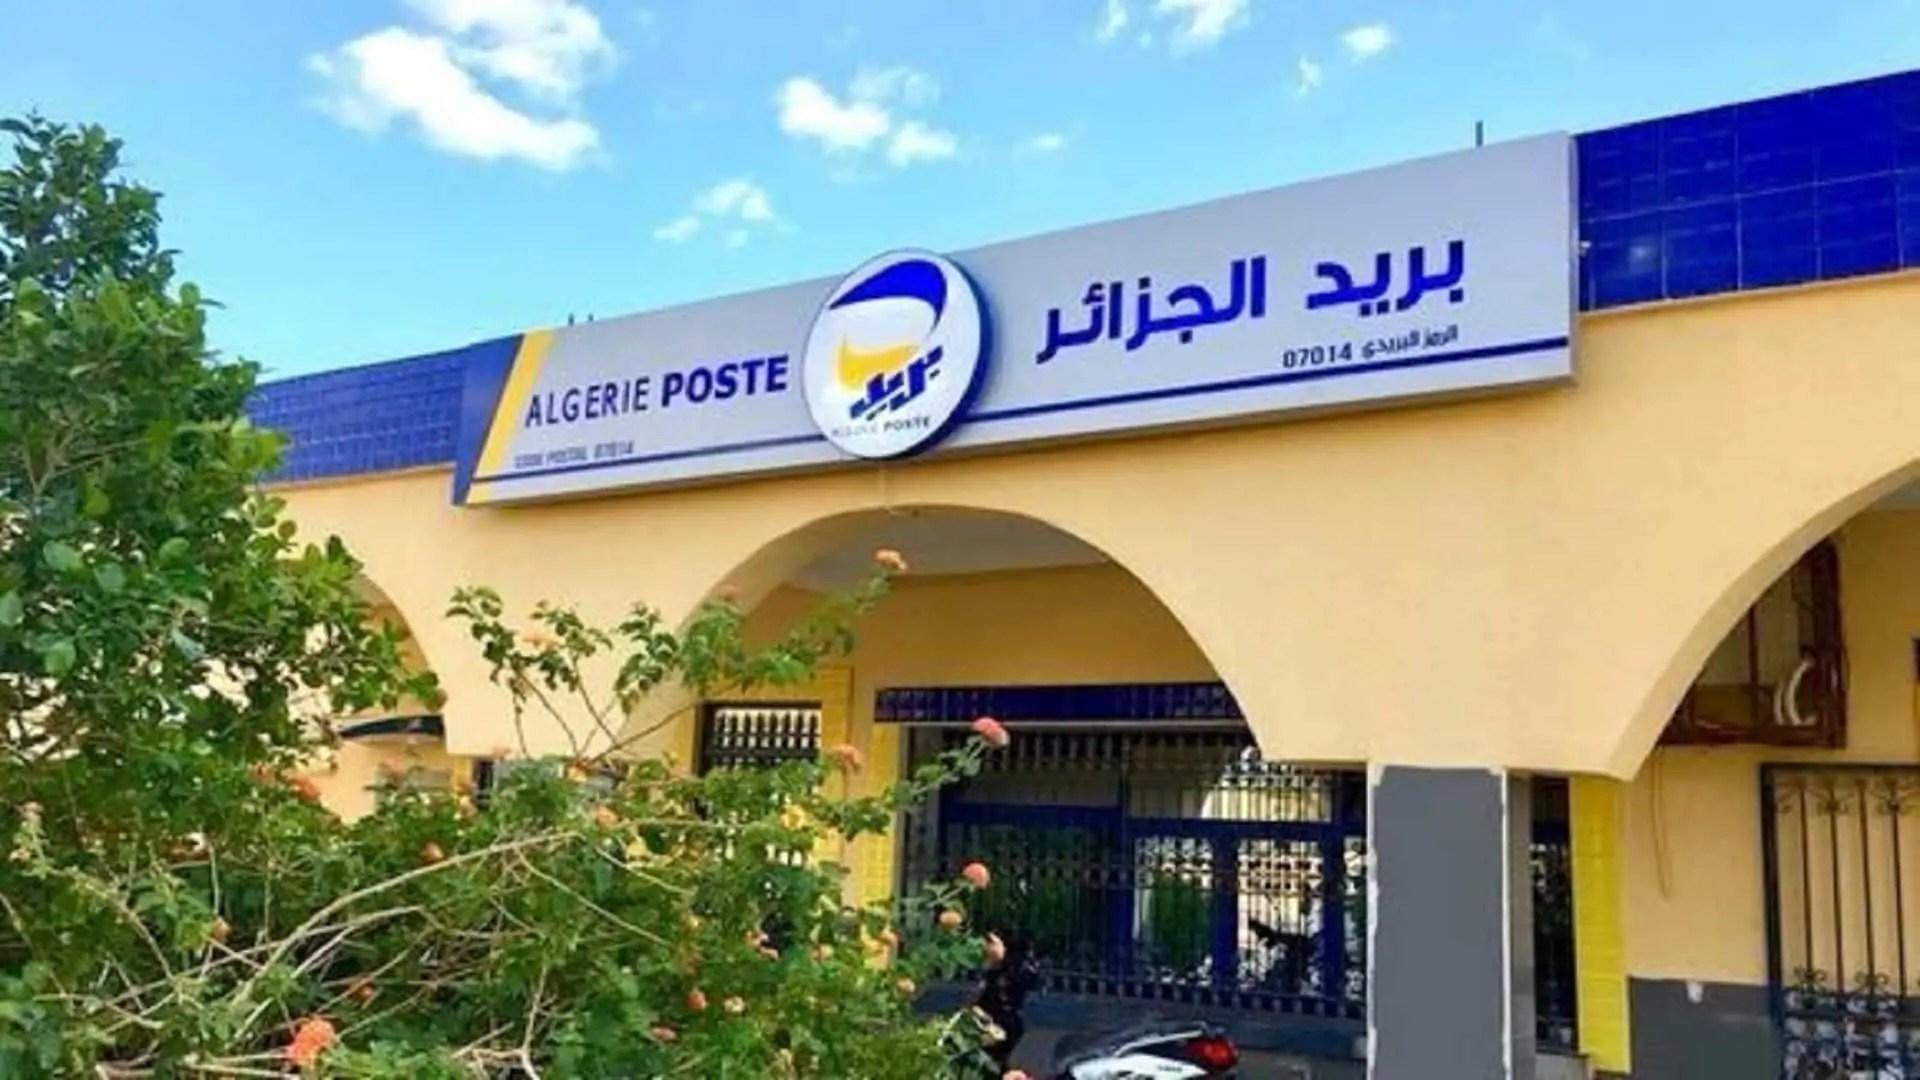 Grève des postiers : Algérie poste menace les grévistes